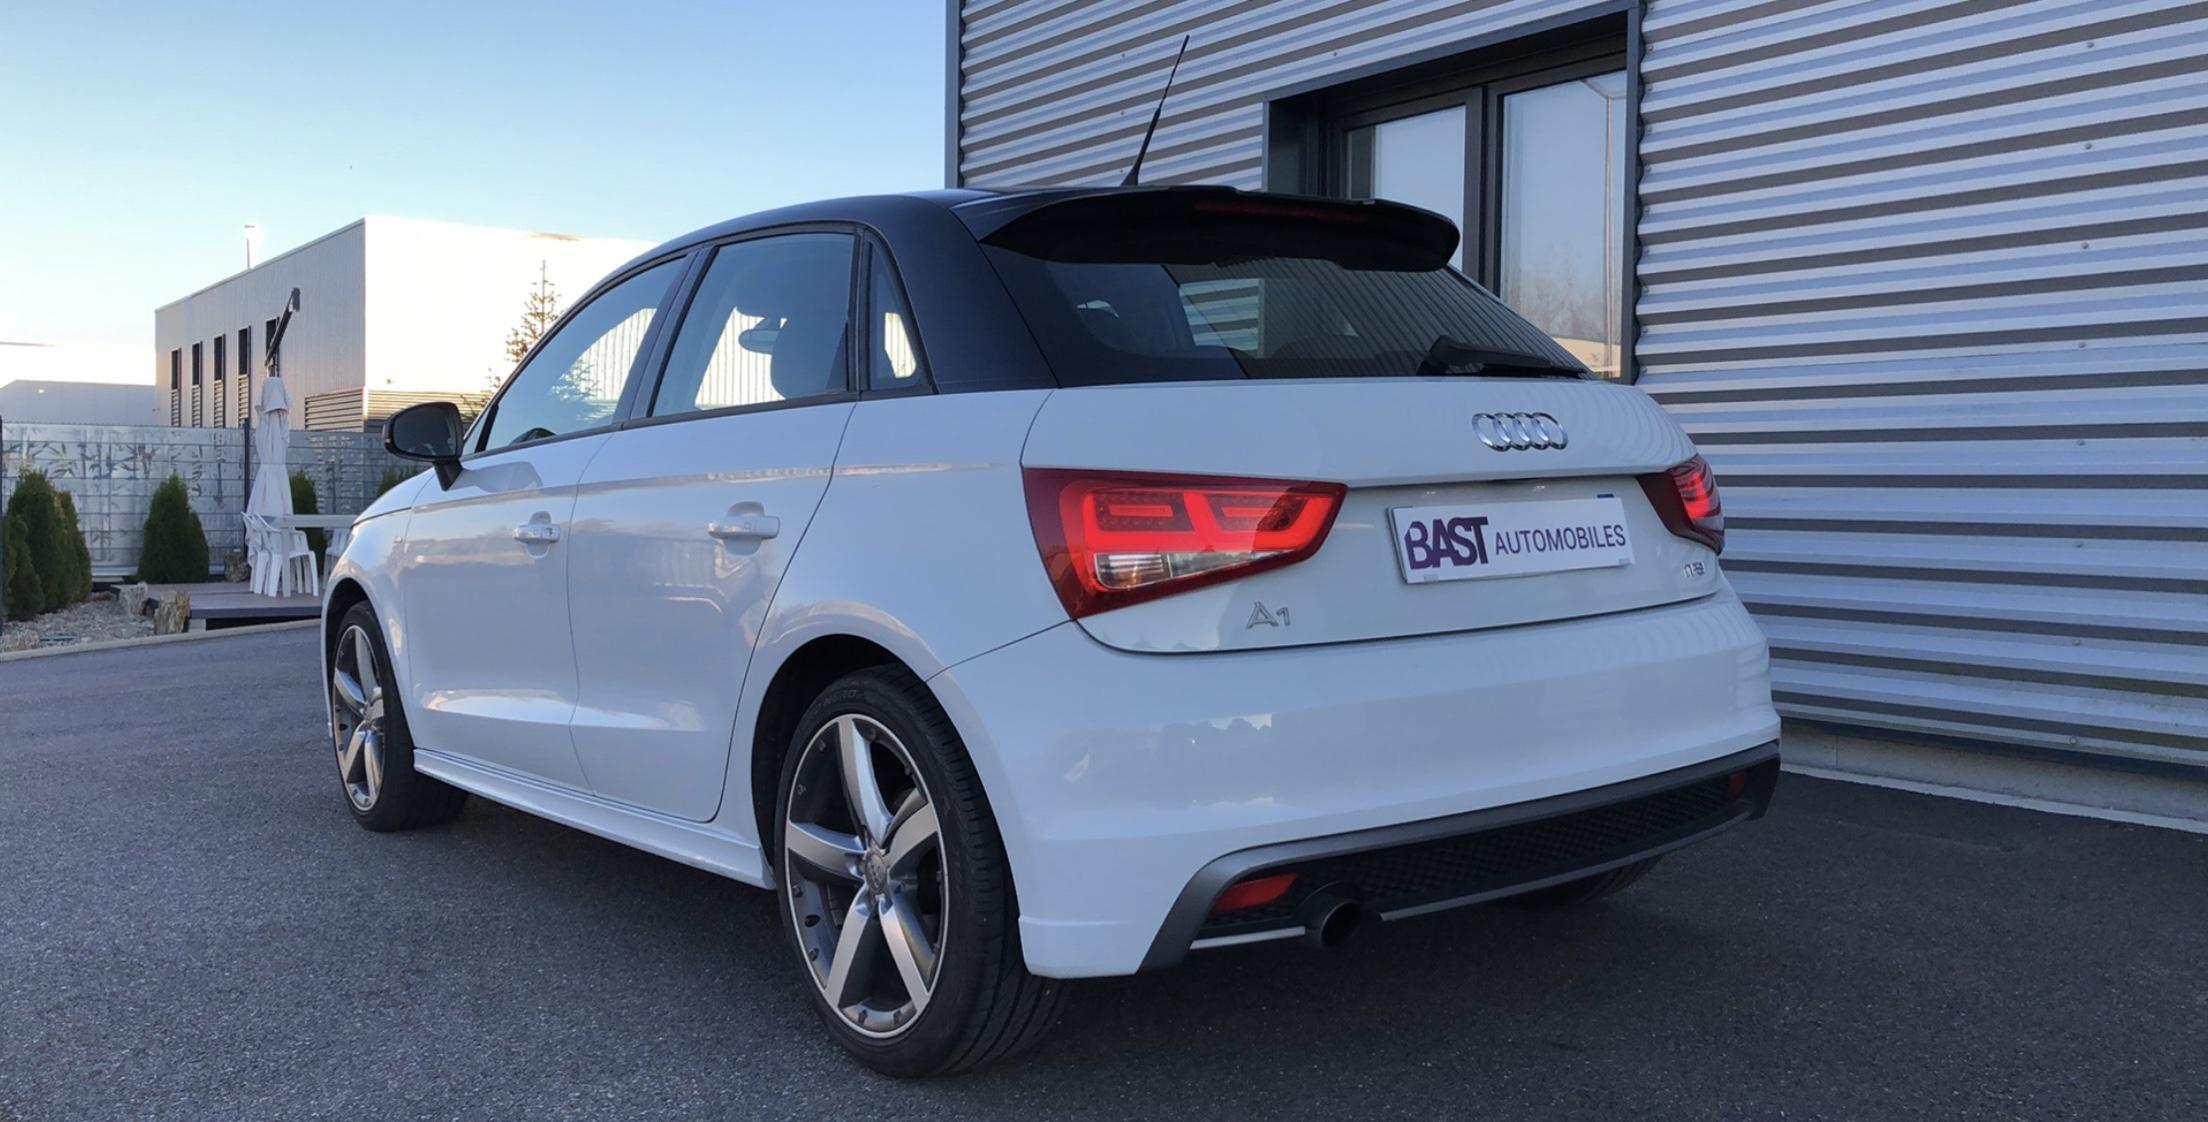 Audi A1 S Line Ultra TFSI Image